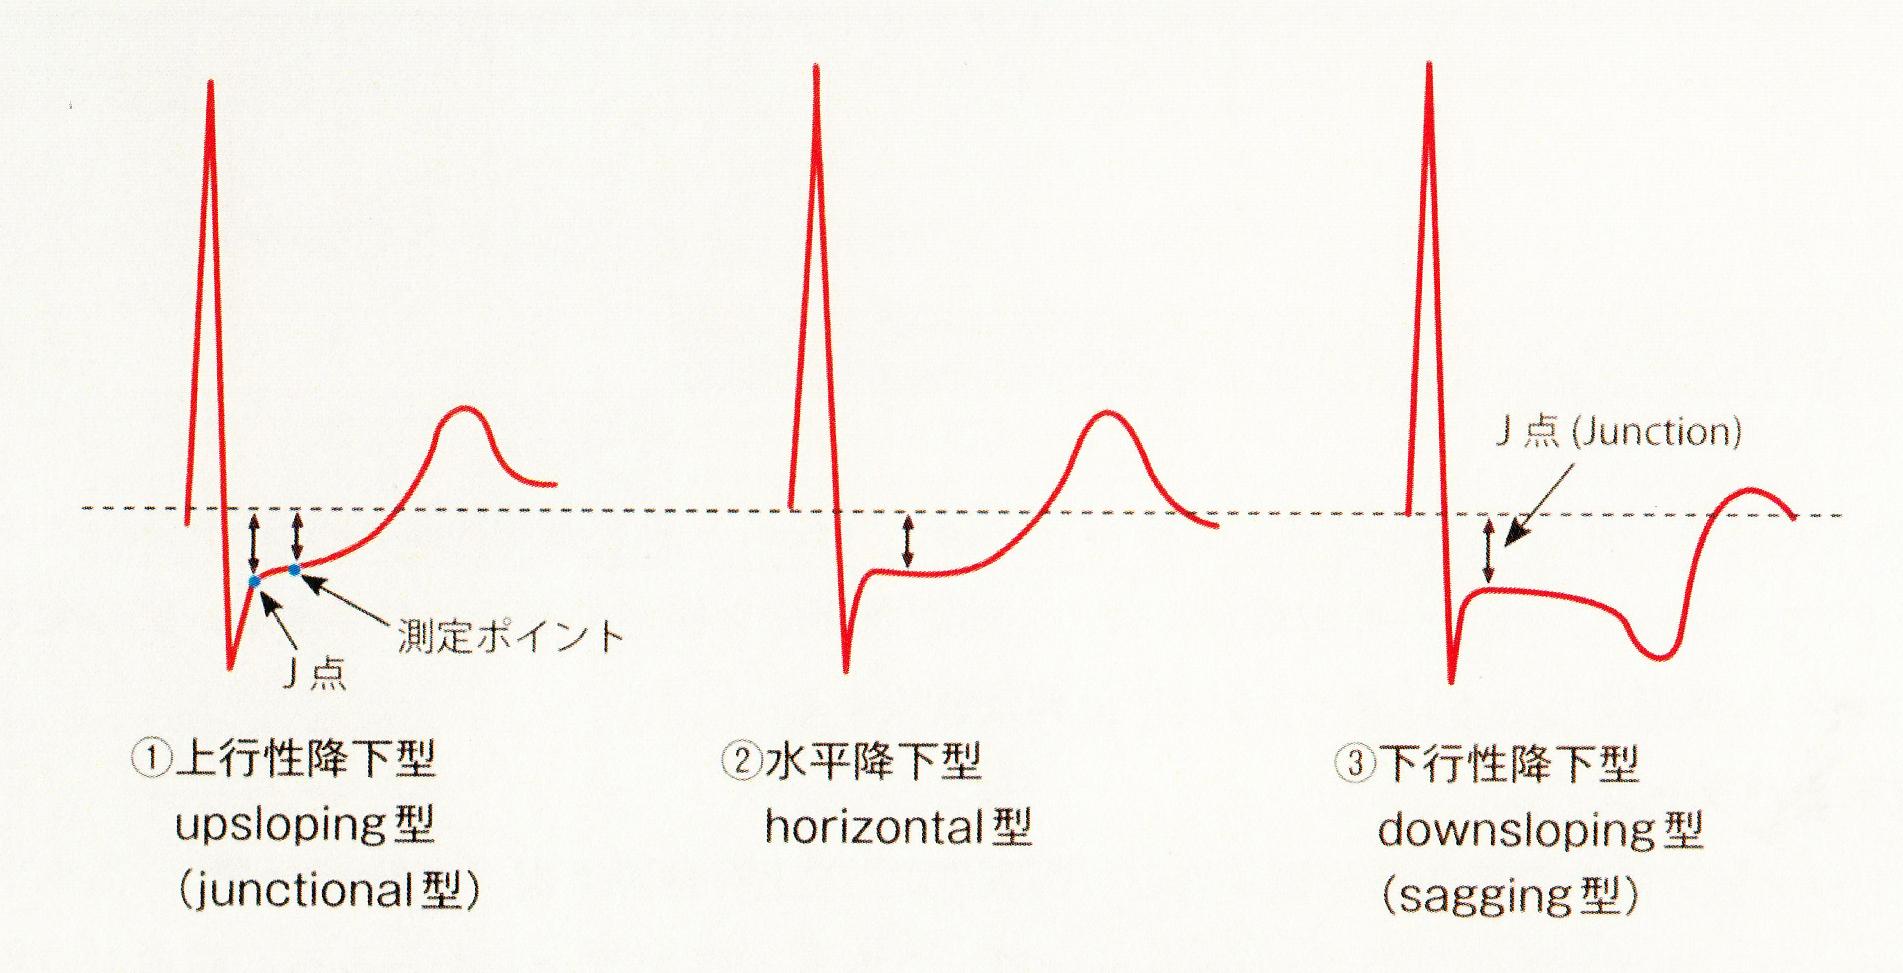 心電図 波形 種類